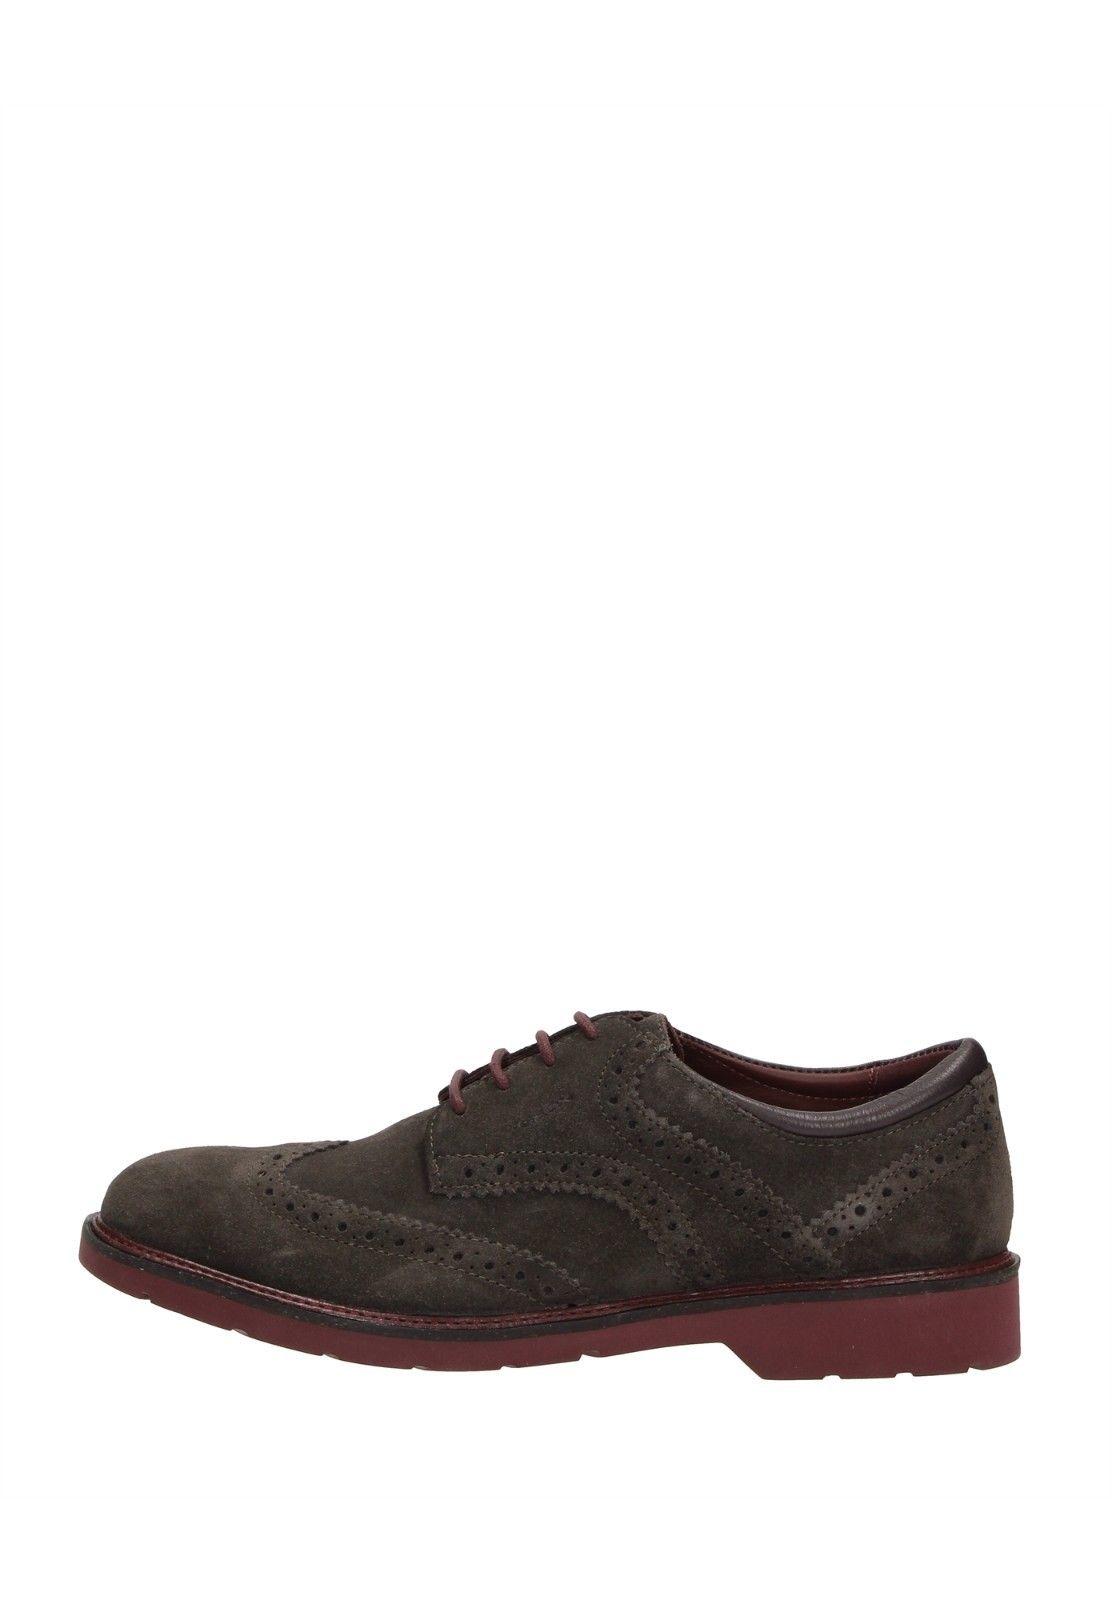 U54l9a Scarpe Inglese Geox Originale Casual Shoes Ai Uomo Pelle N8X0OnwkPZ